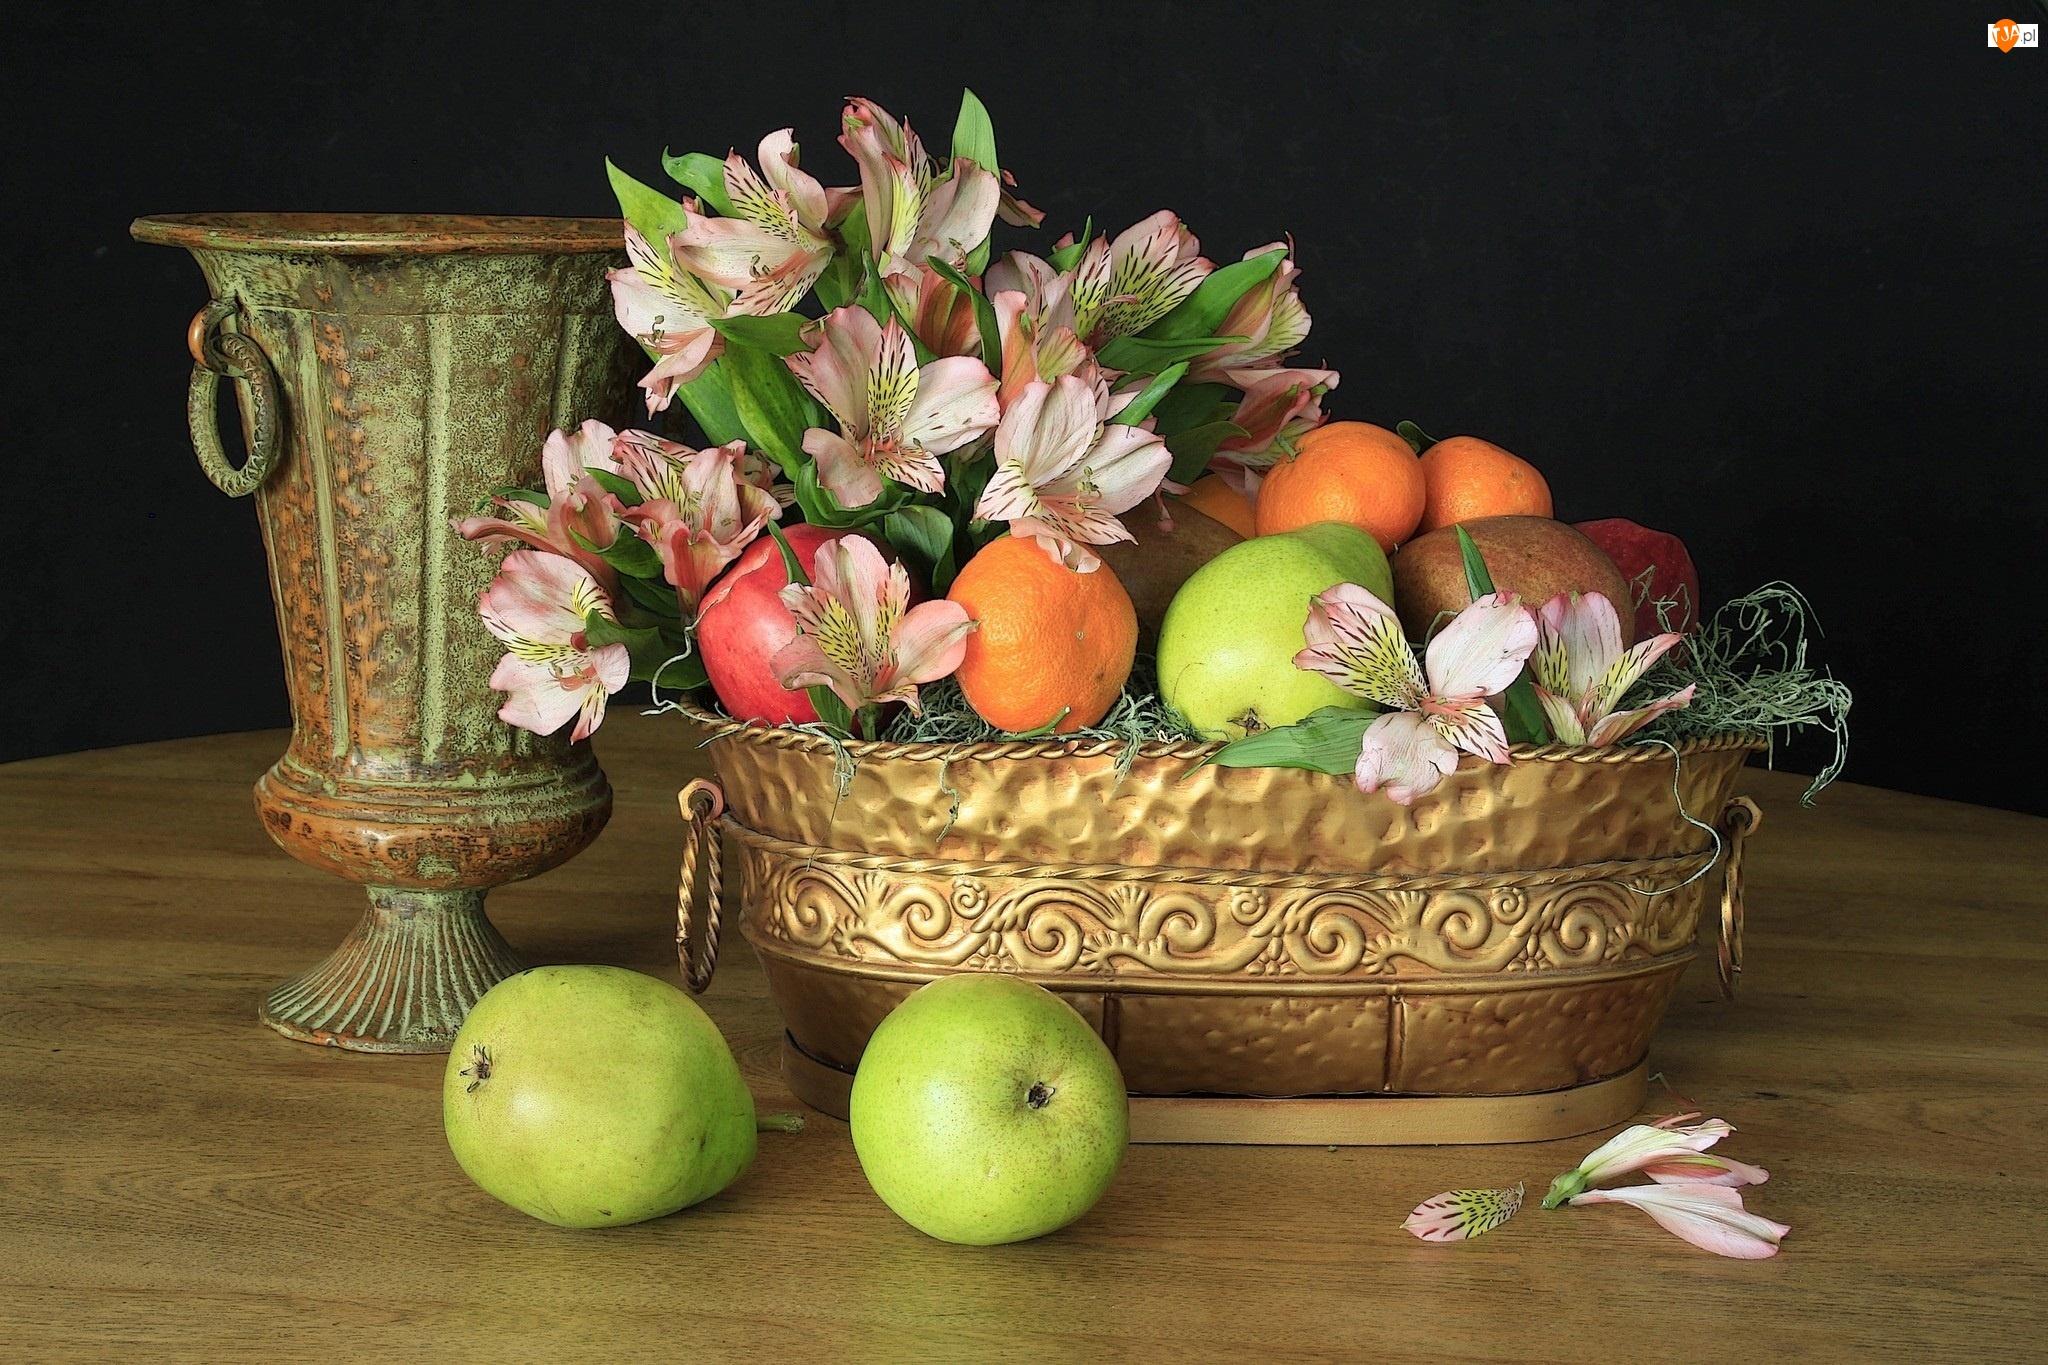 Mosiężne, Martwa natura, Kwiaty, Owoce, Wazy, Alstremeria